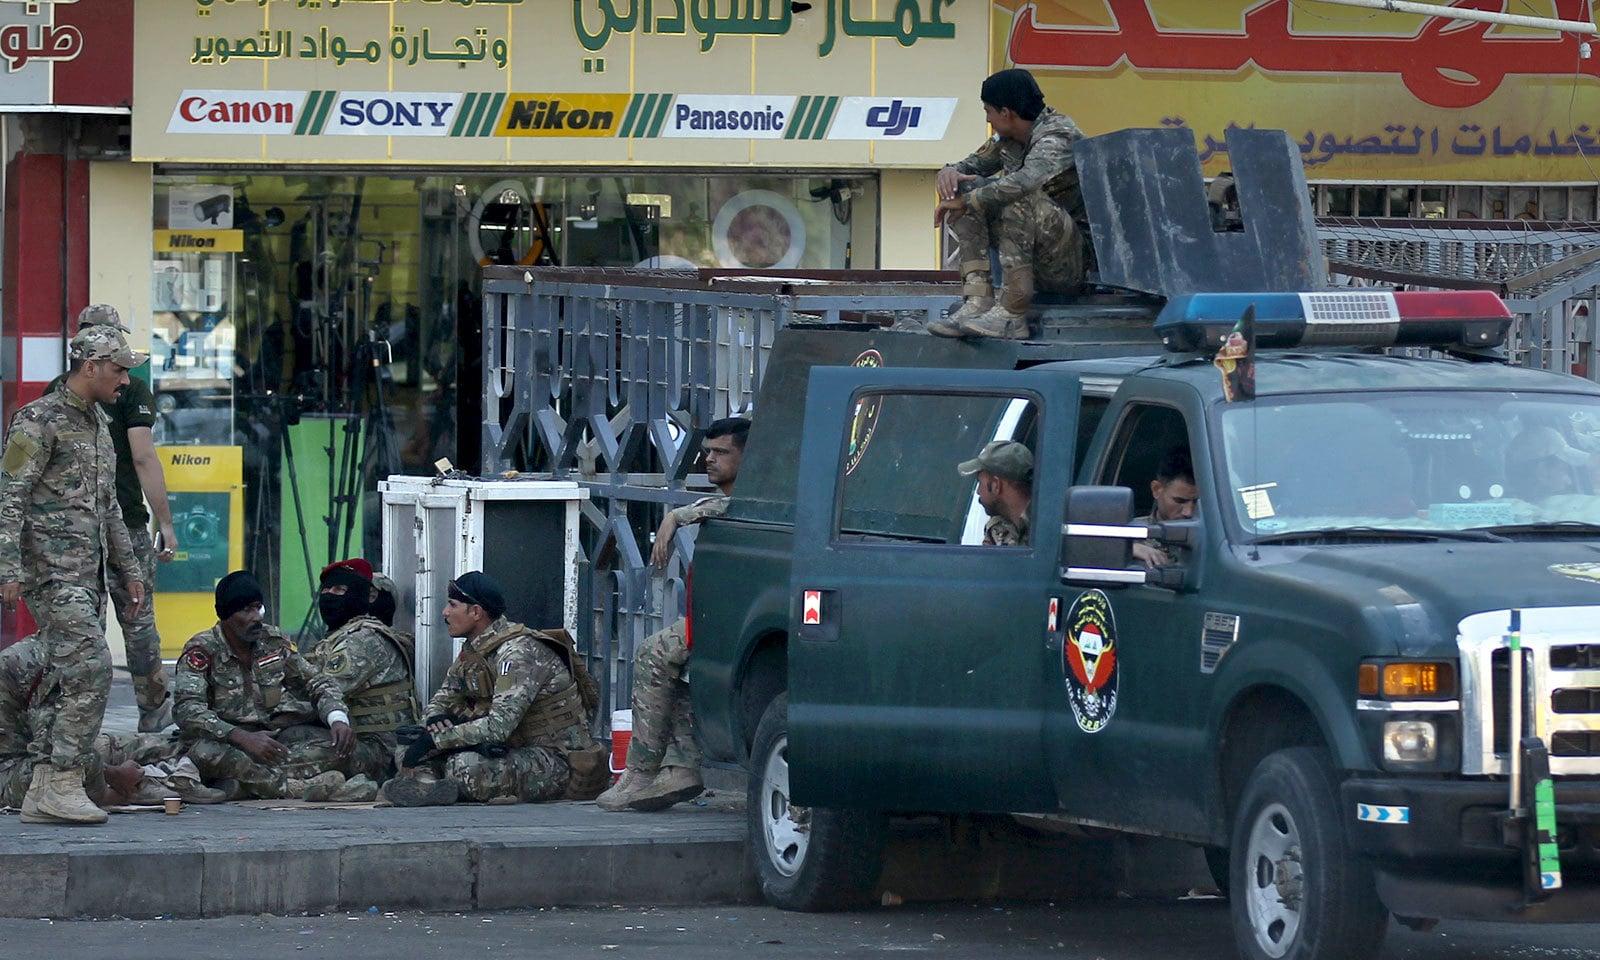 تحریر اسکوائر پر مظاہرین سے نبرد آزما ہونے کیلئے فورسز کے اہلکار جمع ہیں — فوٹو: اے ایف پی